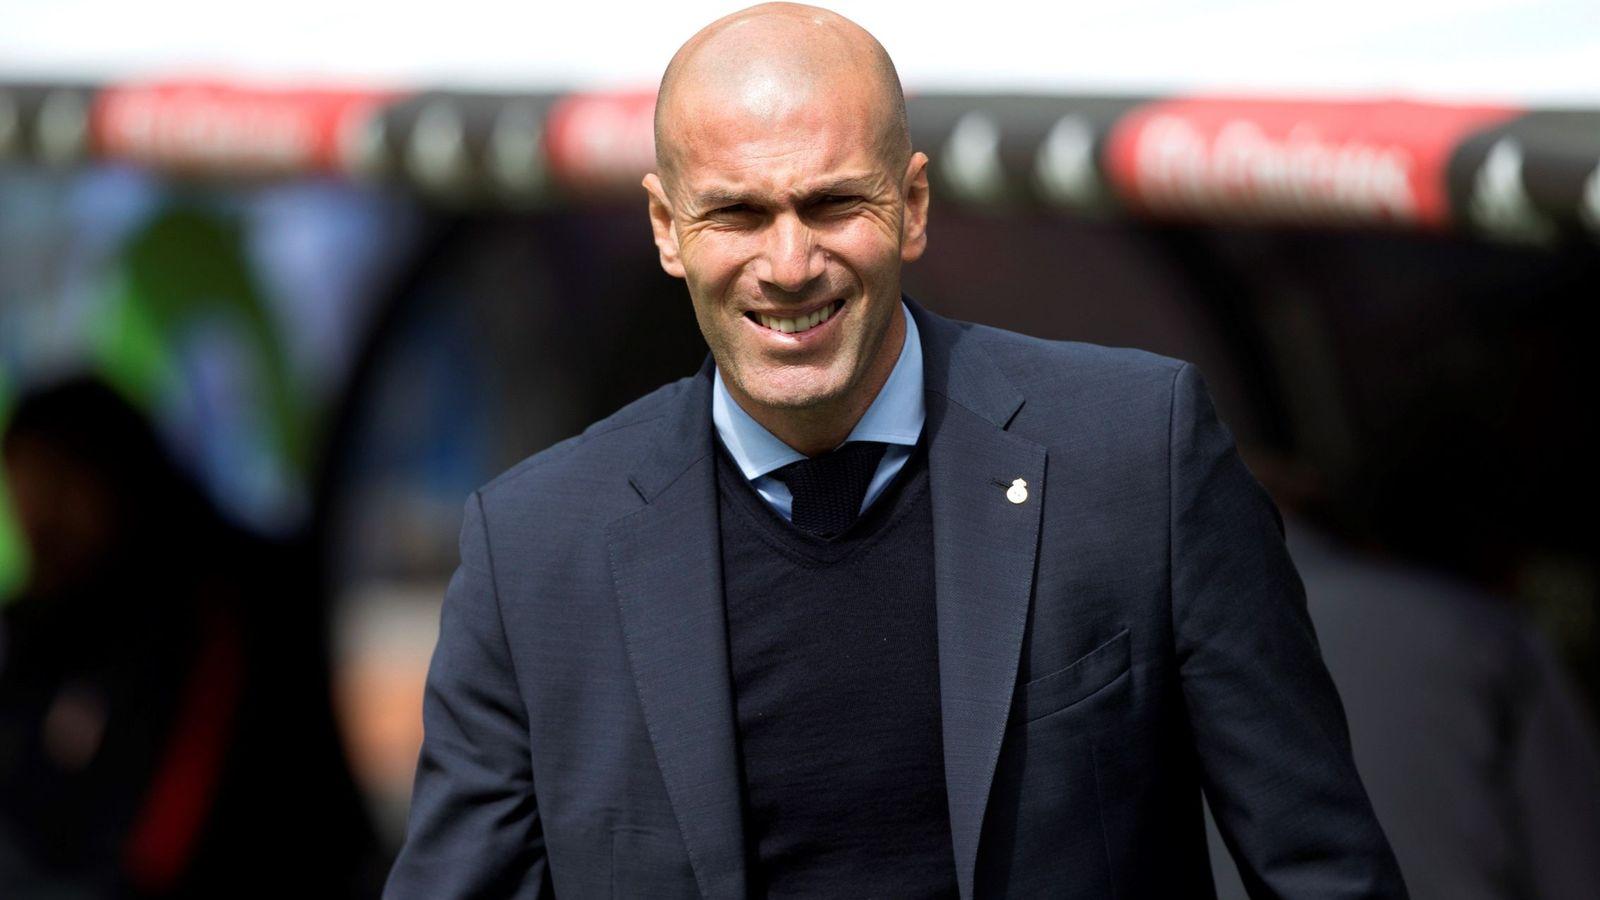 Foto: Zidane durante el choque entre Real Madrid y Atlético de Madrid. (EFE)